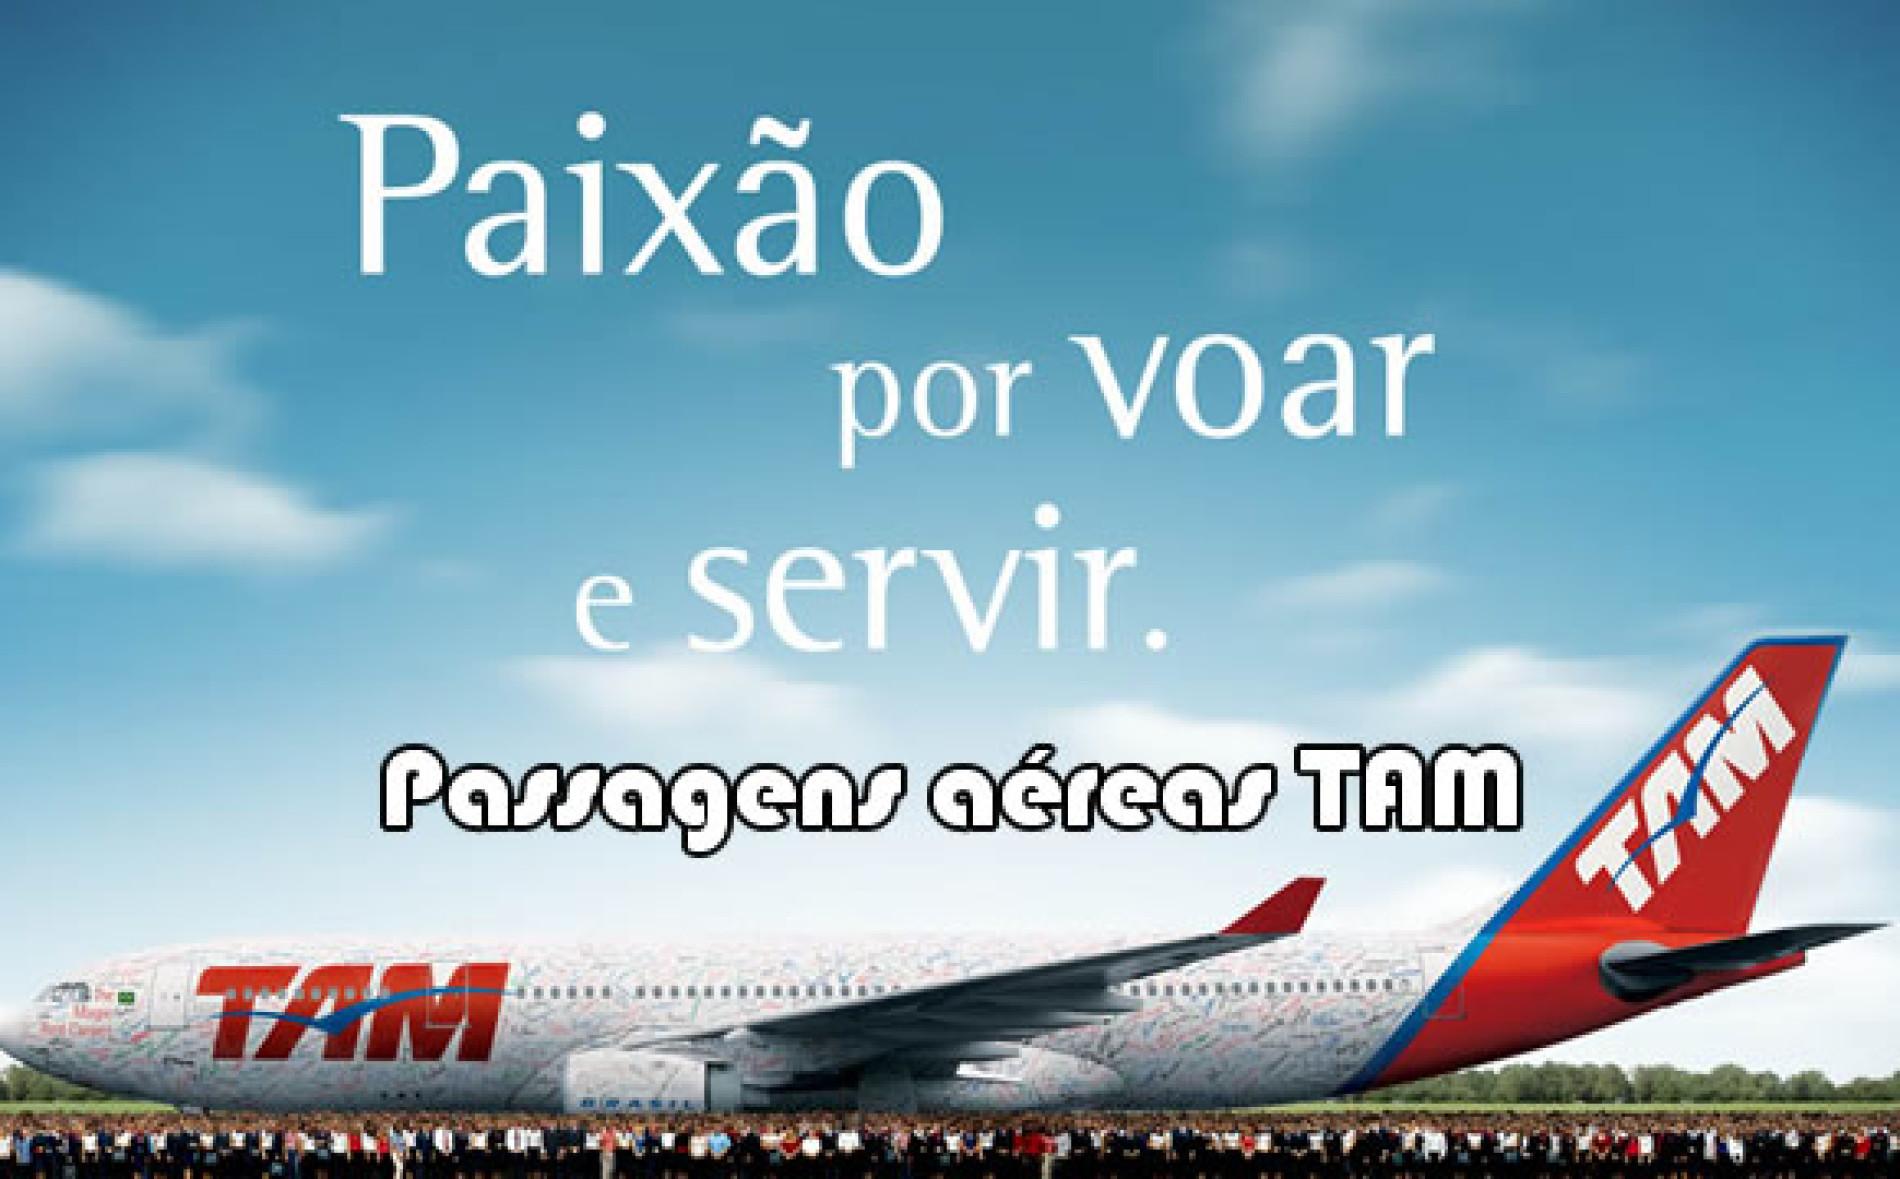 Como fazer para comprar passagens aéreas em promoção TAM